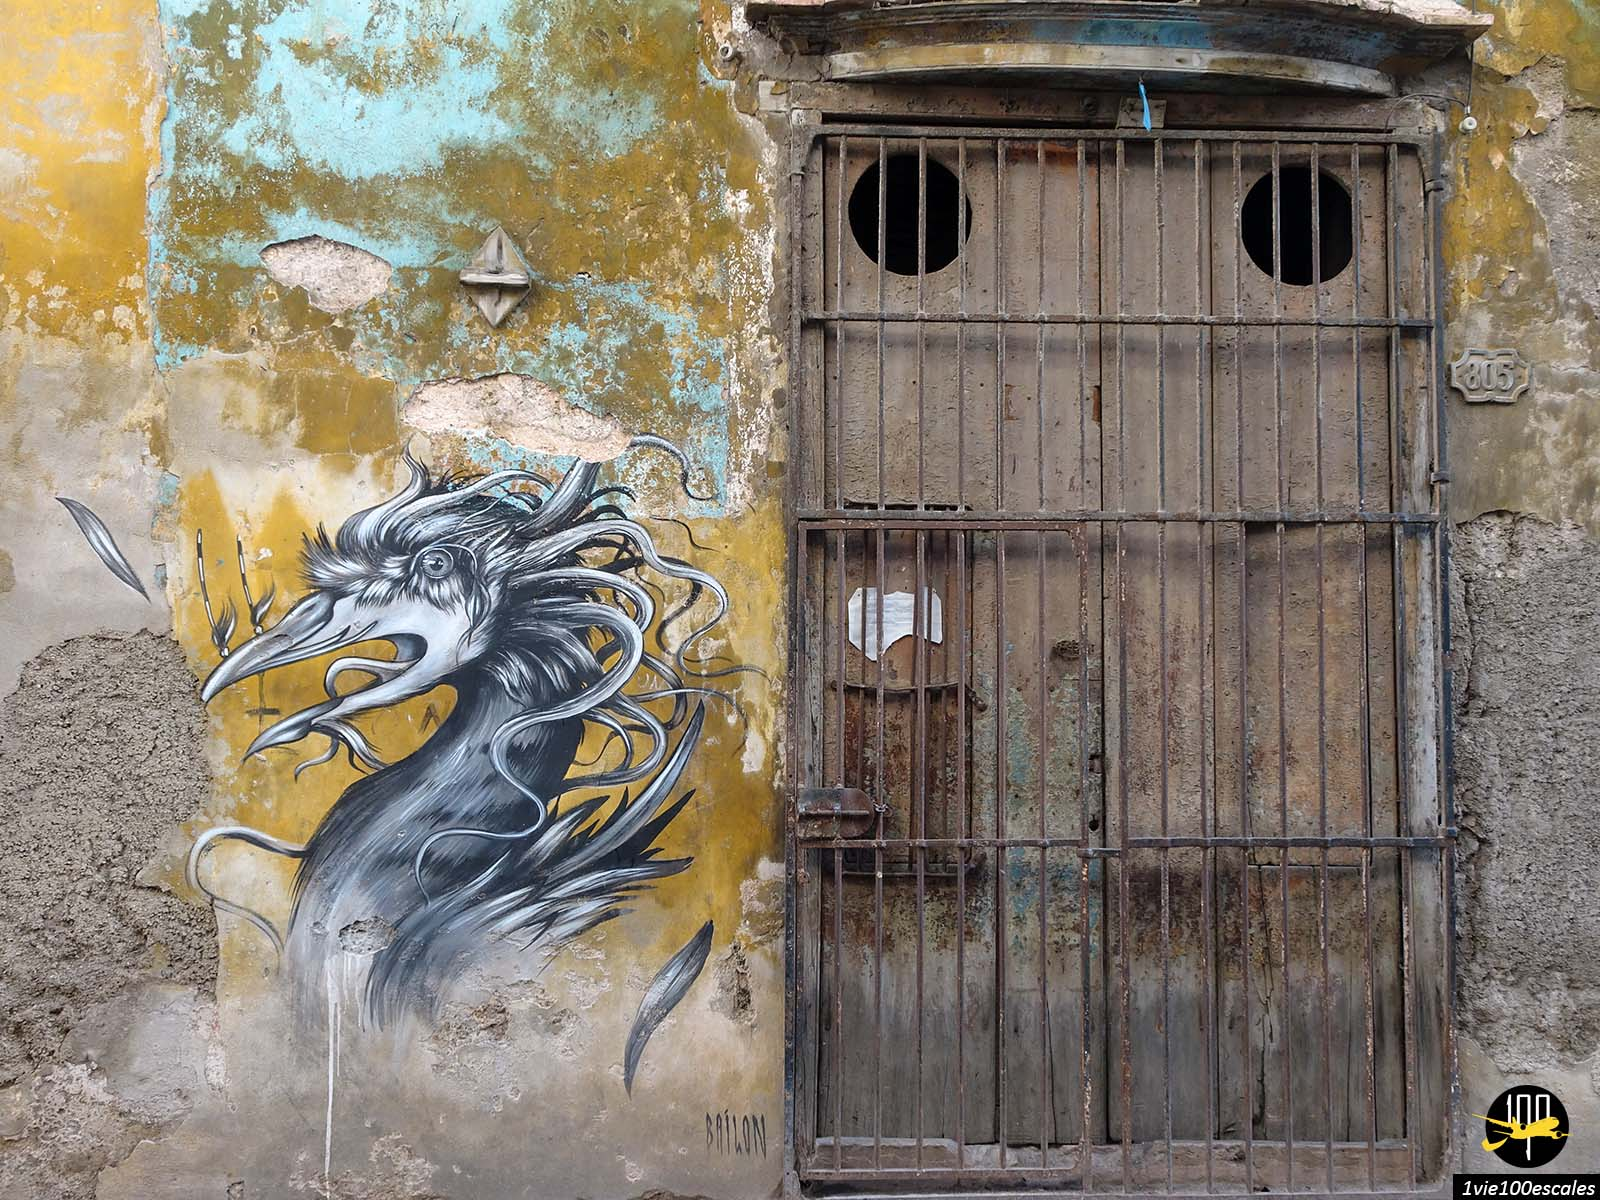 Les beaux dessins sur les murs de la vieille ville de La Havane